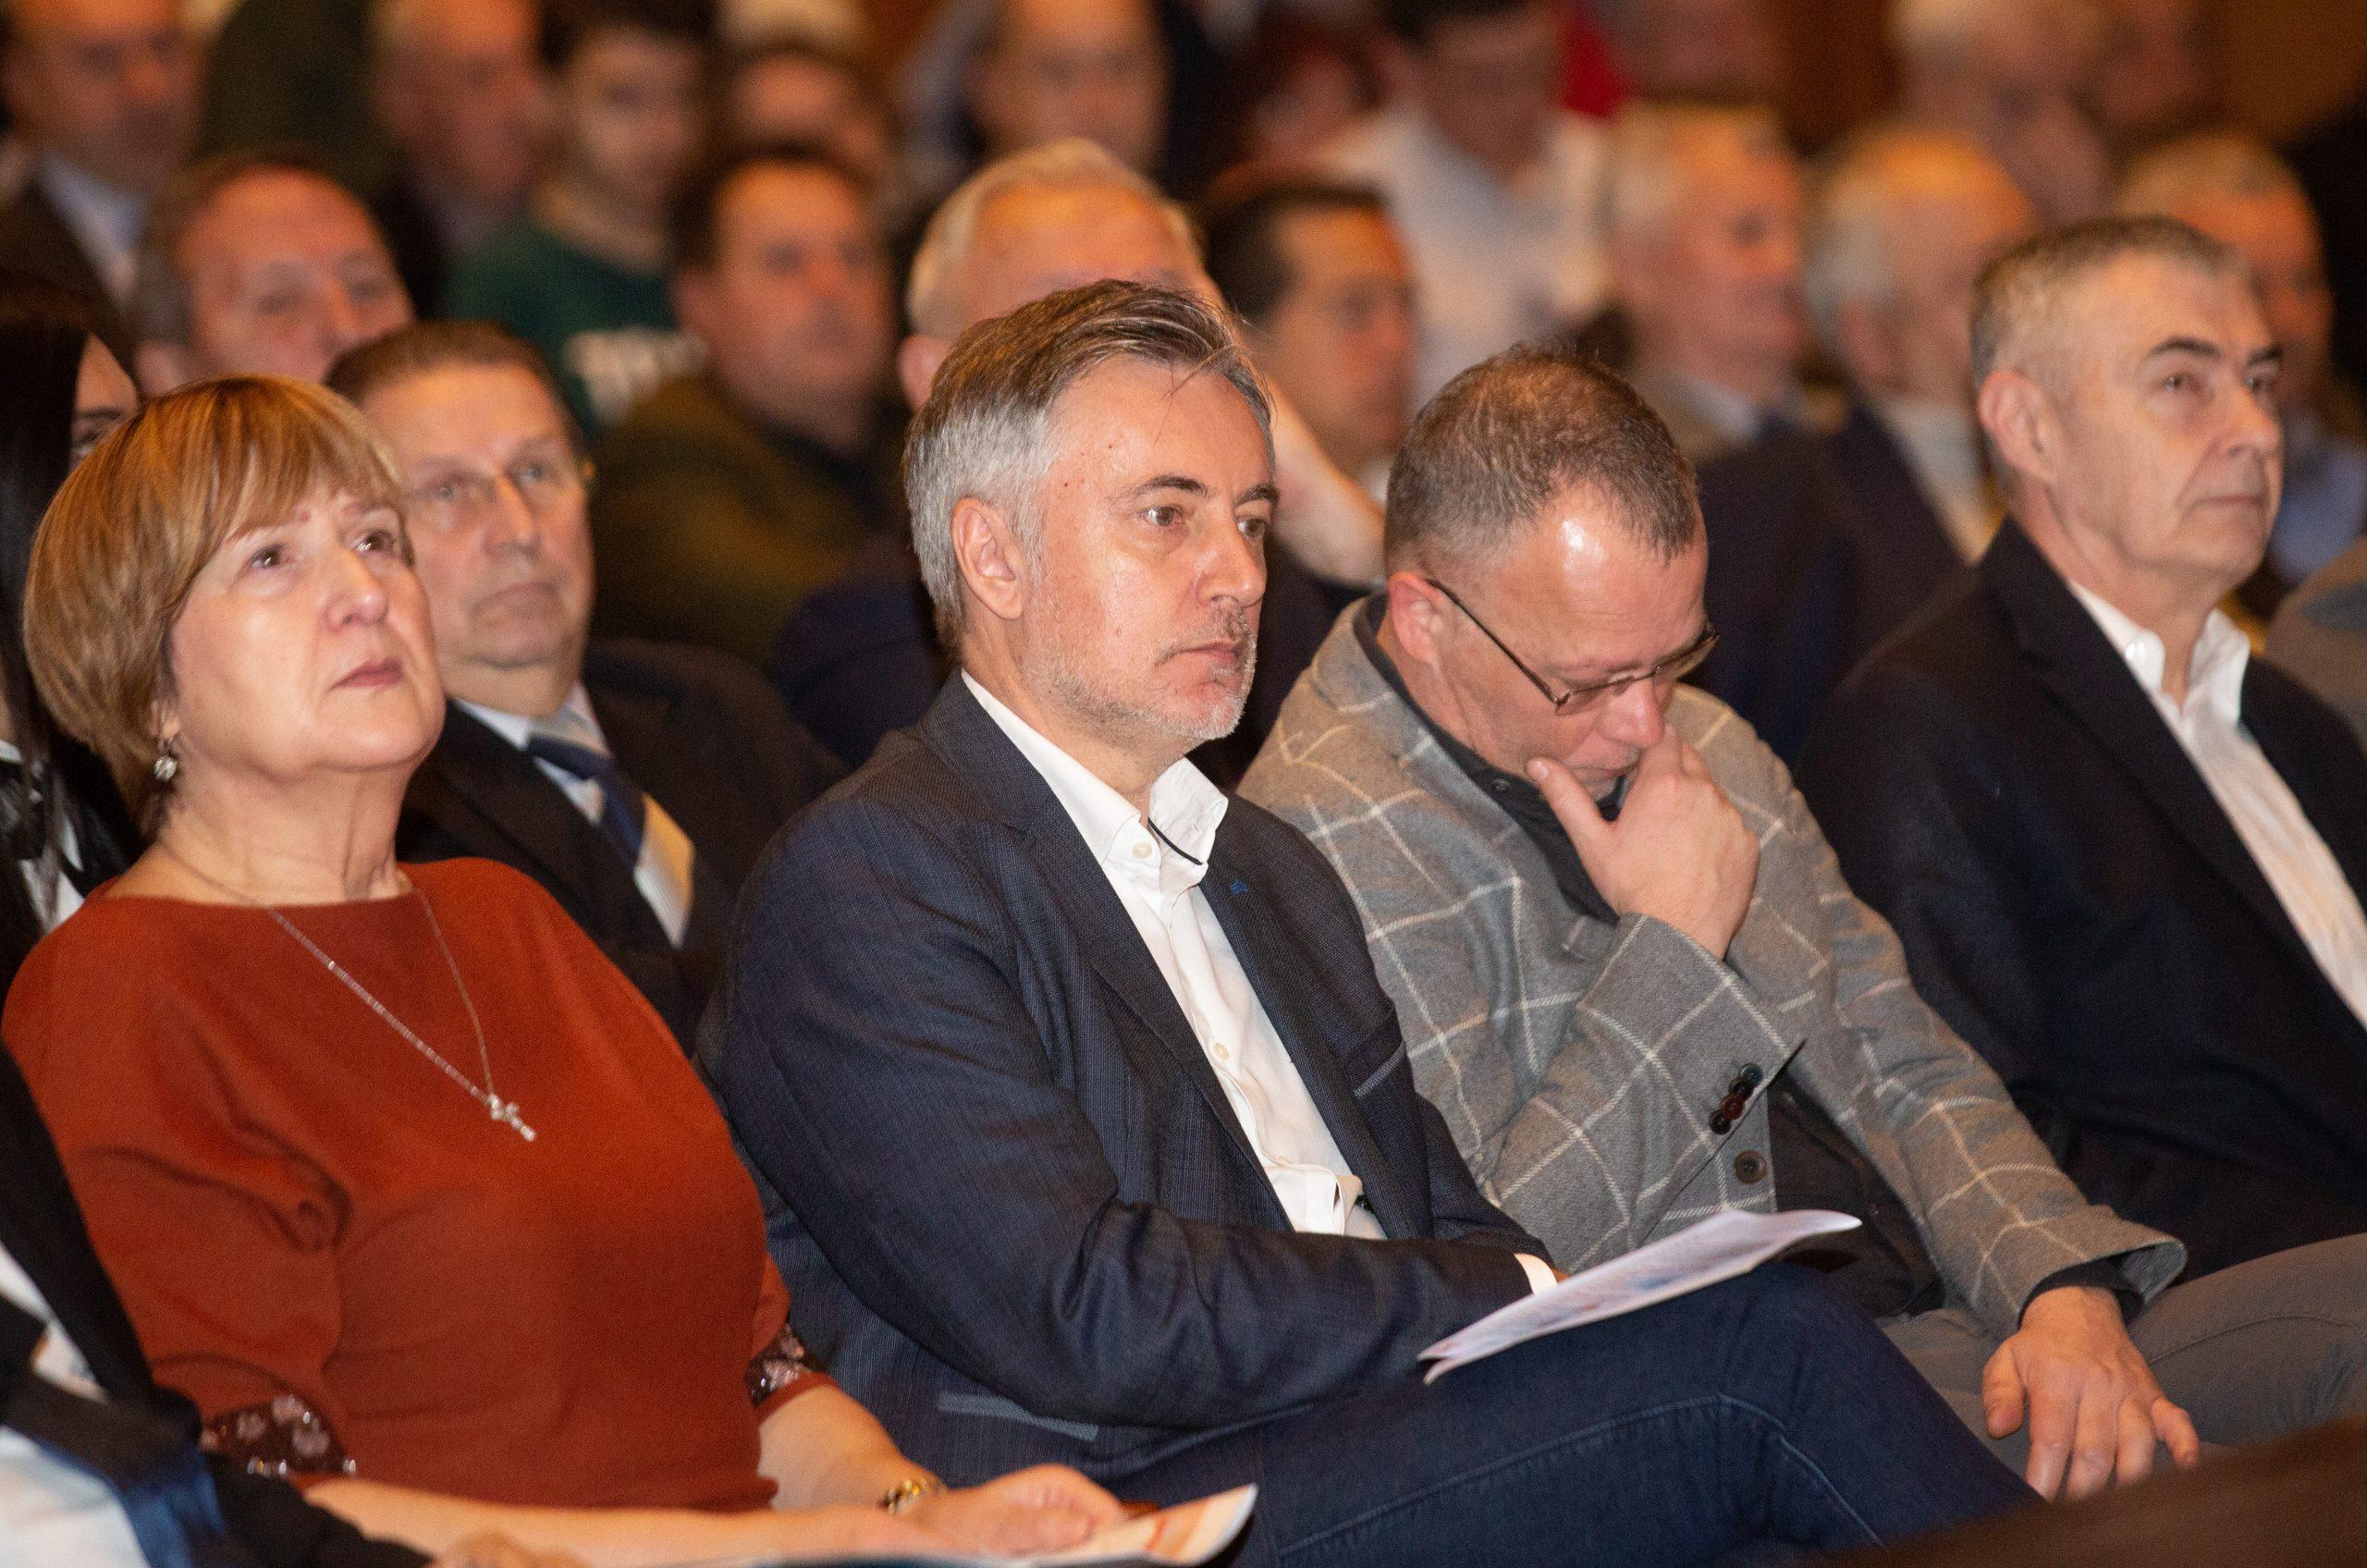 FOTO, VIDEO) Tomašić, Škoro, Hasanbegović i Glasnović na ...